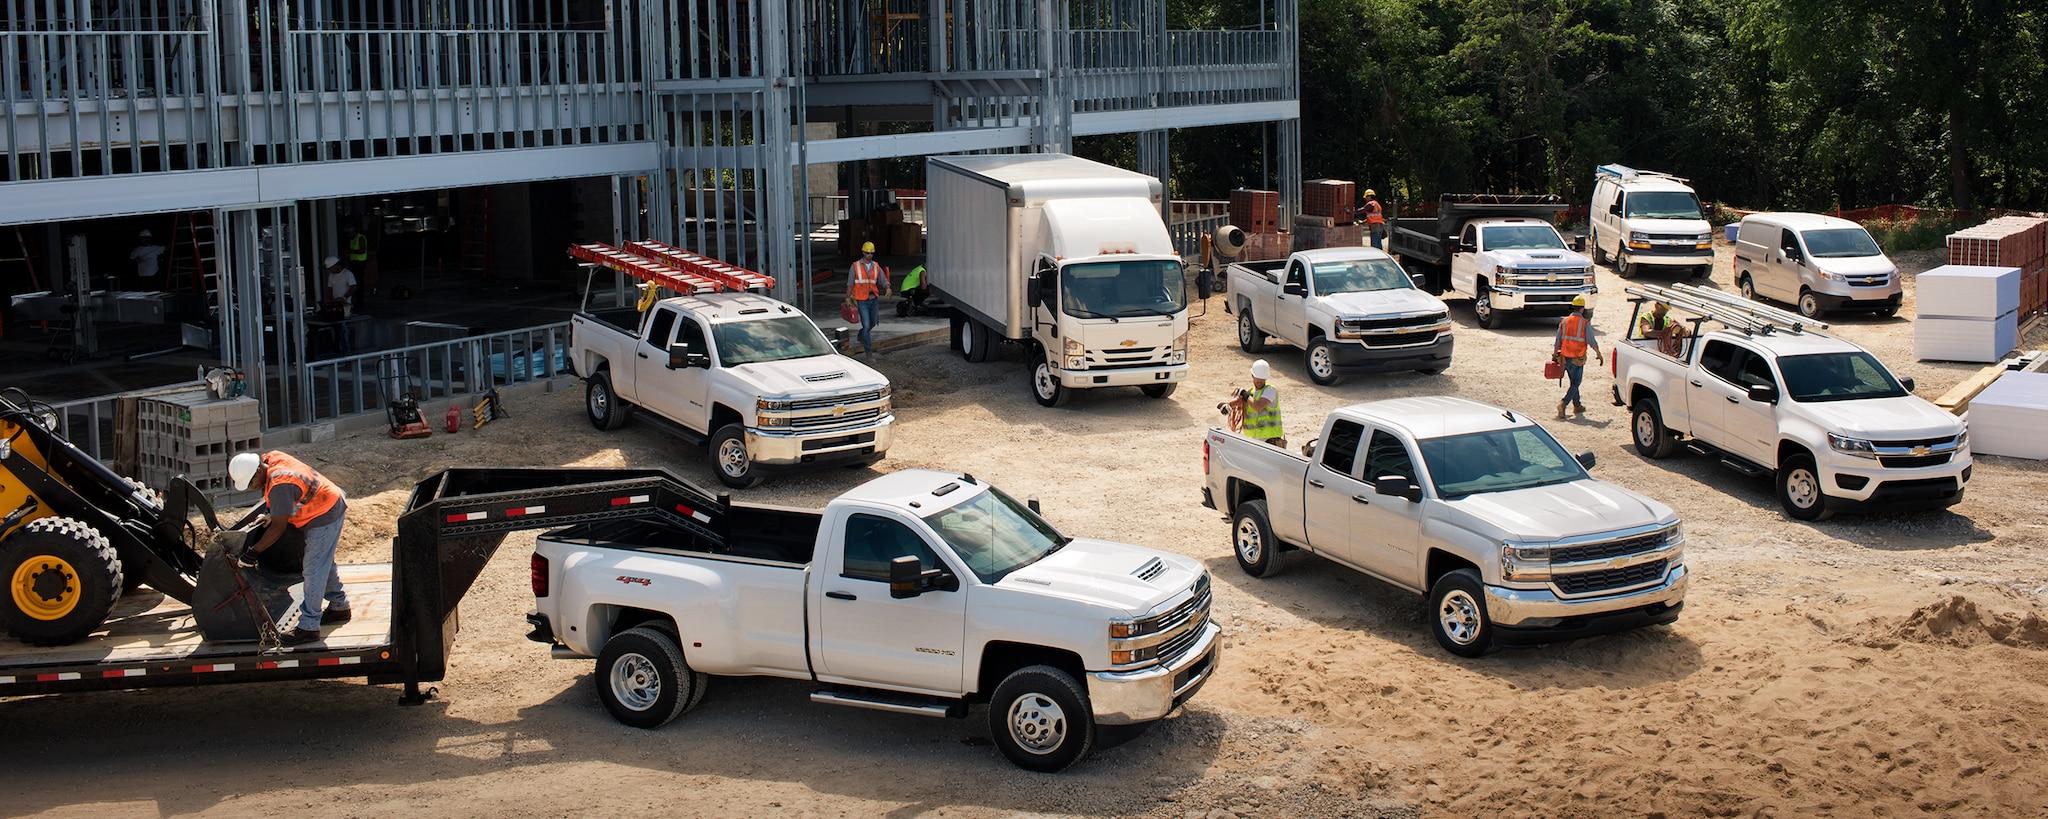 Vehículos comerciales de Chevy